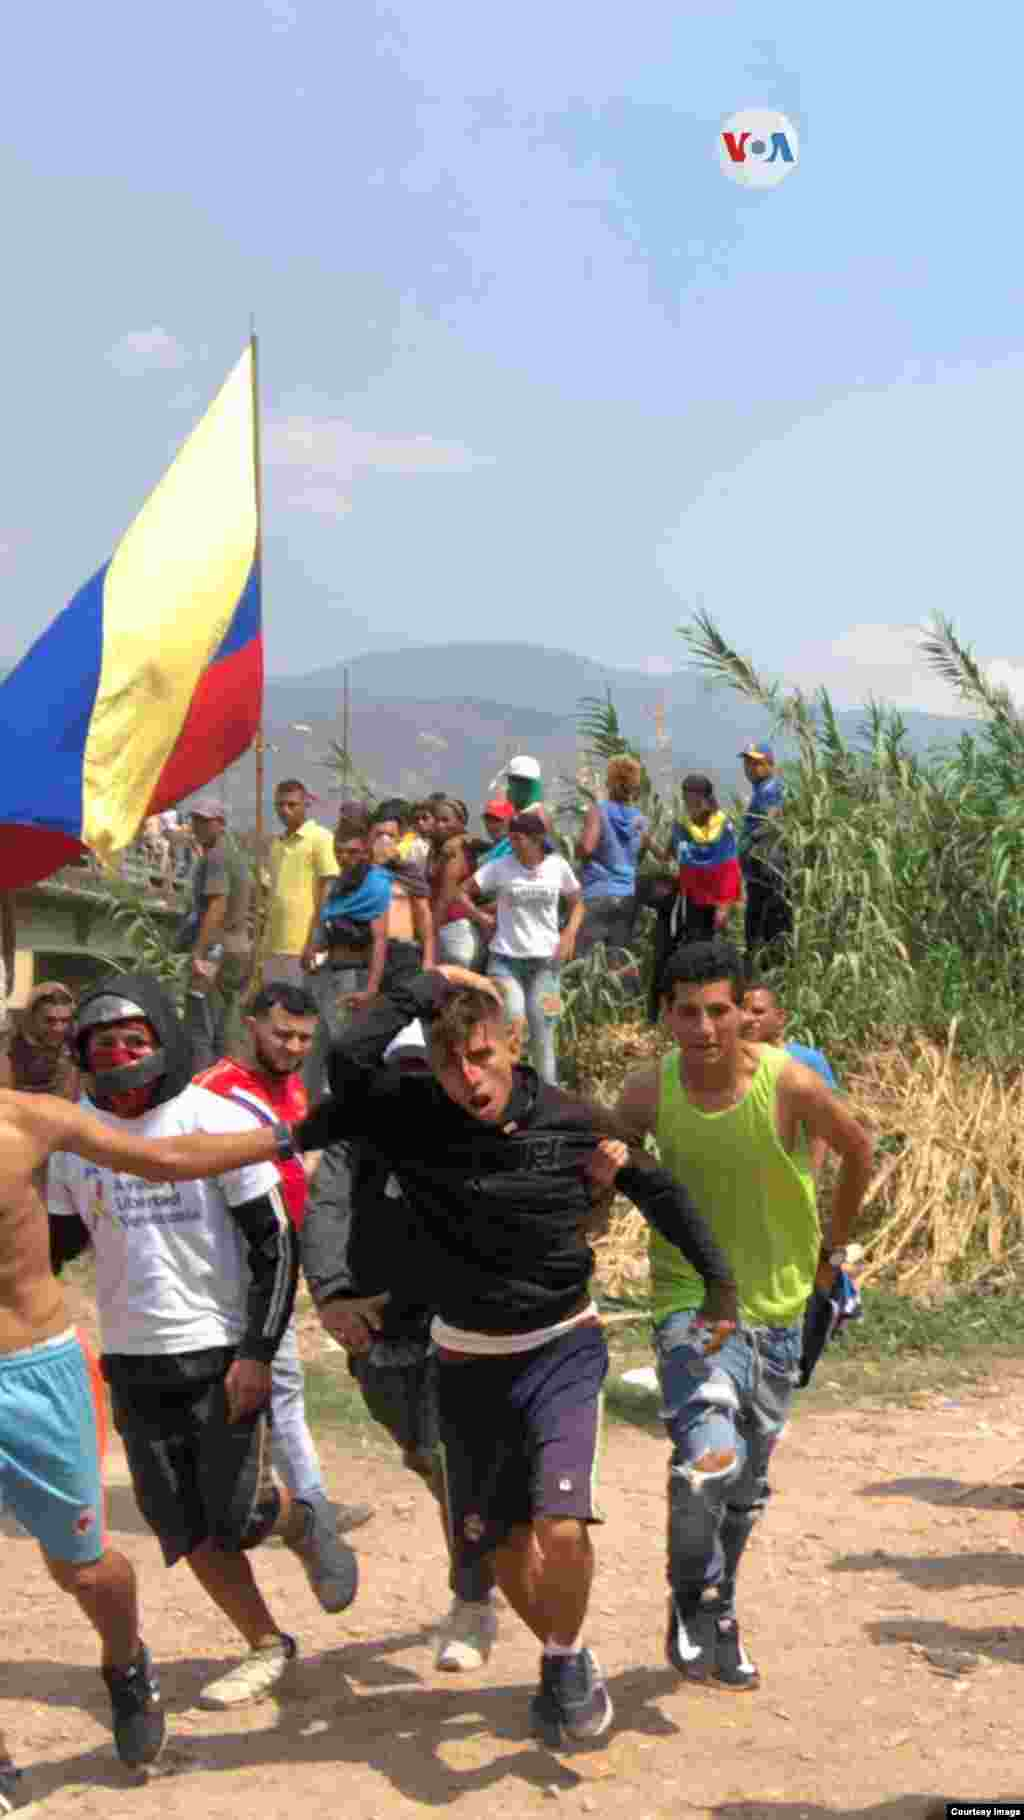 Un joven, que corre hacia el lado colombiano, fue herido en la cabeza con una piedra luego de que fuera tirada desde el lado venezolano de la frontera.